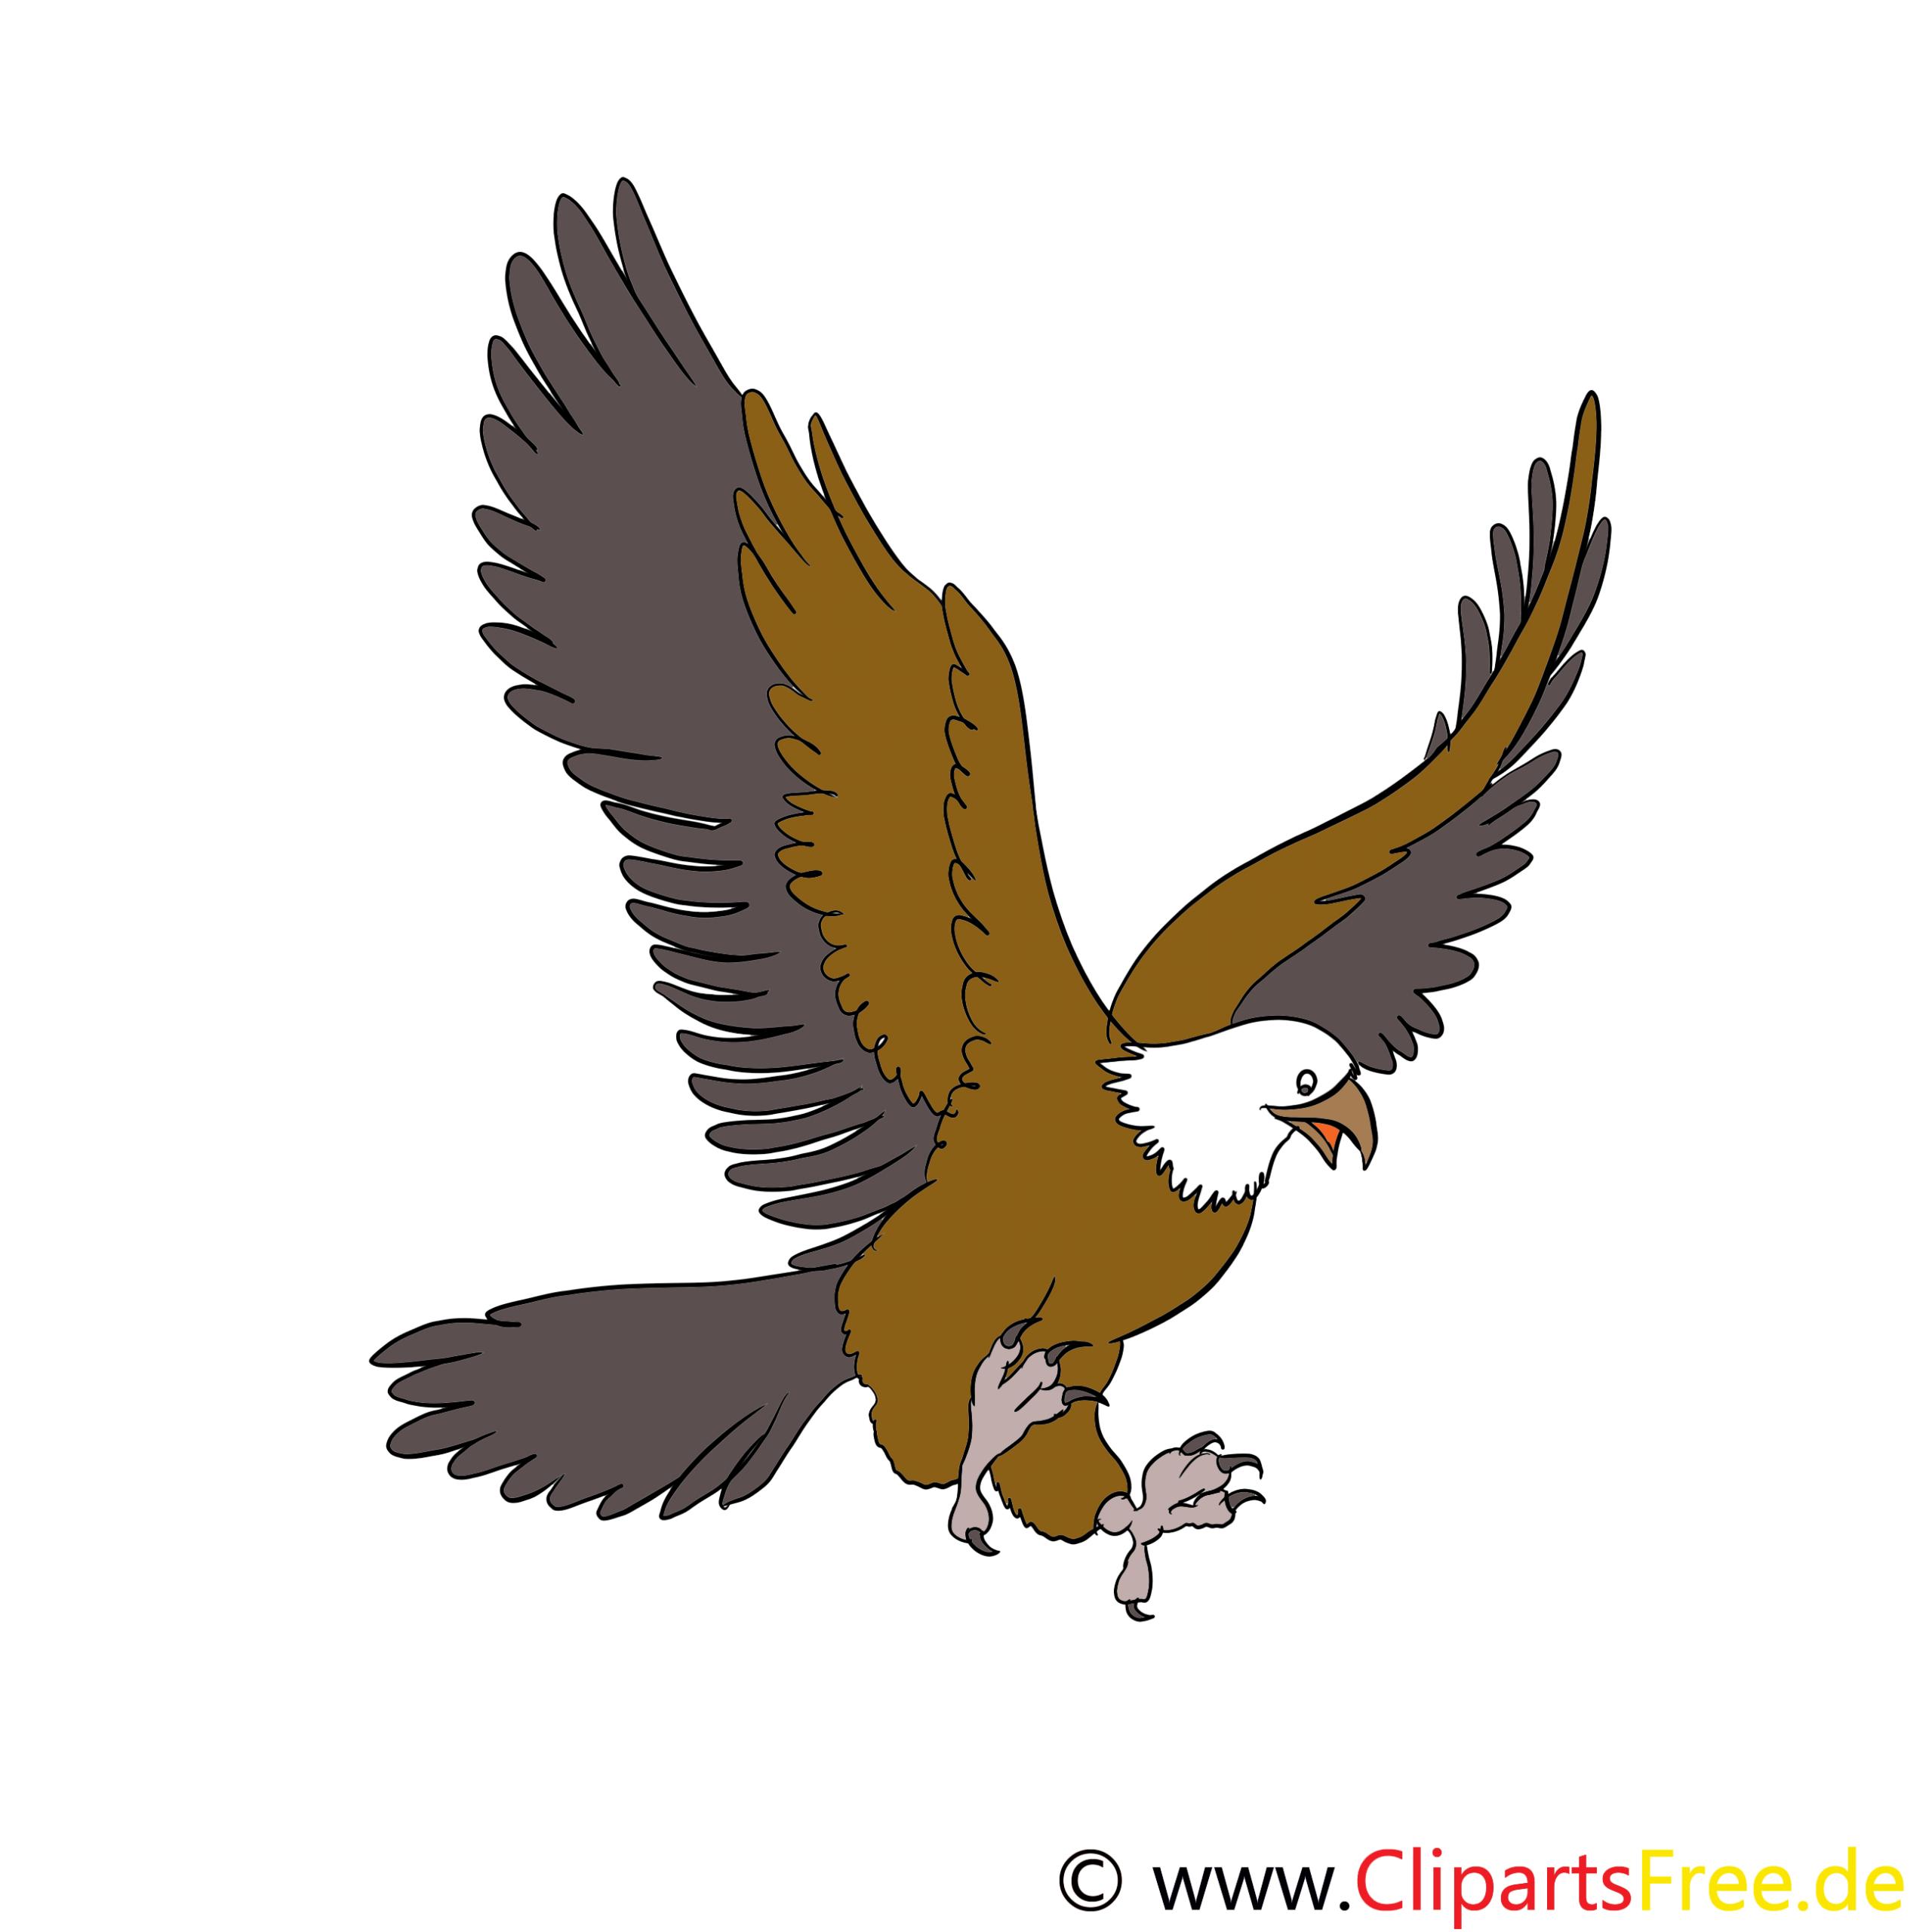 Adler Cartoon, Bild, Illustration, Clip Art verwandt mit Adler Bilder Zum Ausdrucken